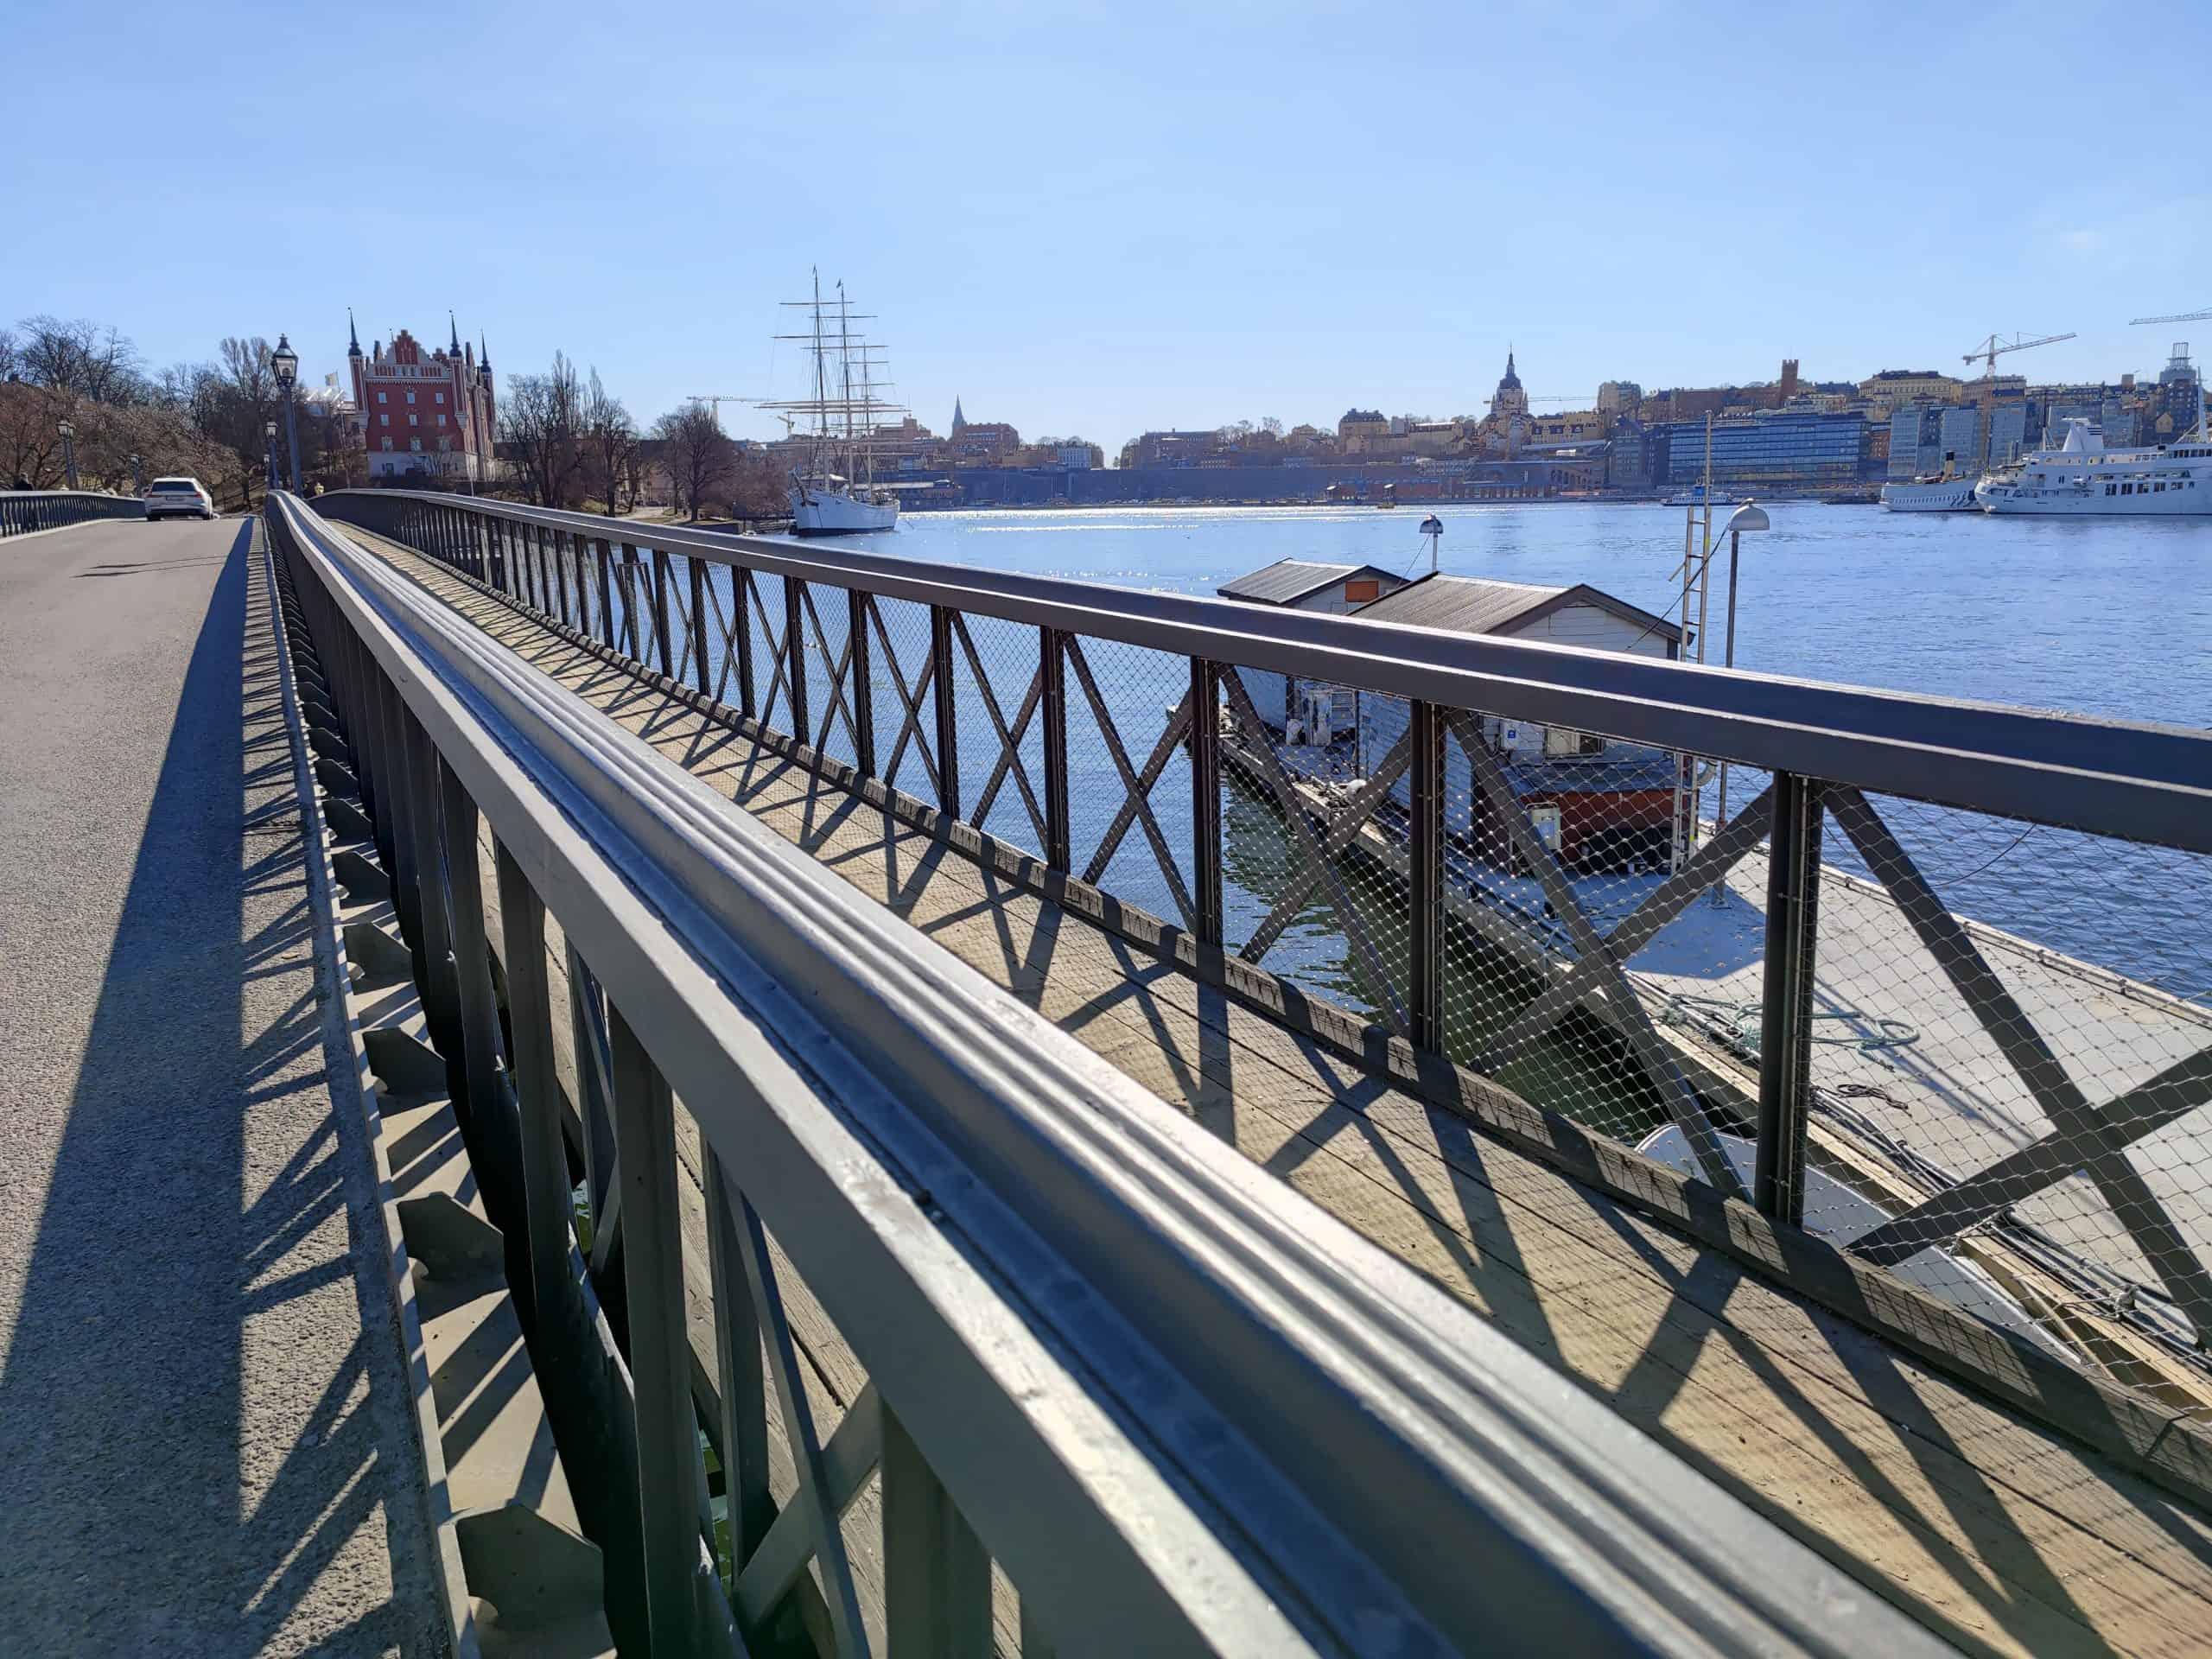 Brosäkerhet på skeppsholmsbron